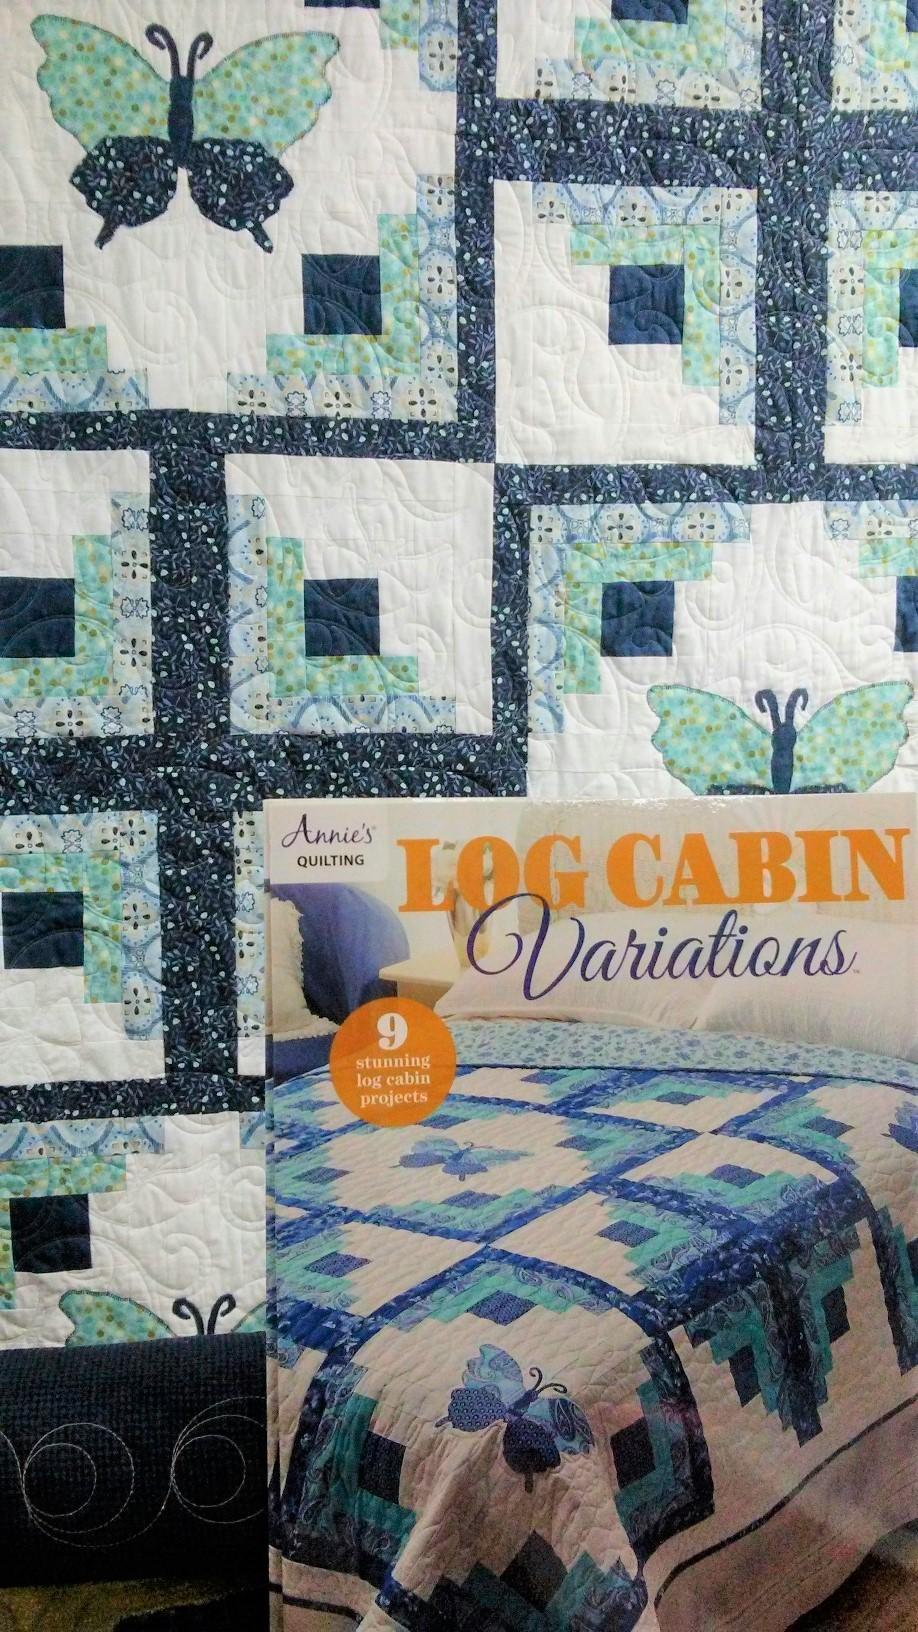 log cabin book